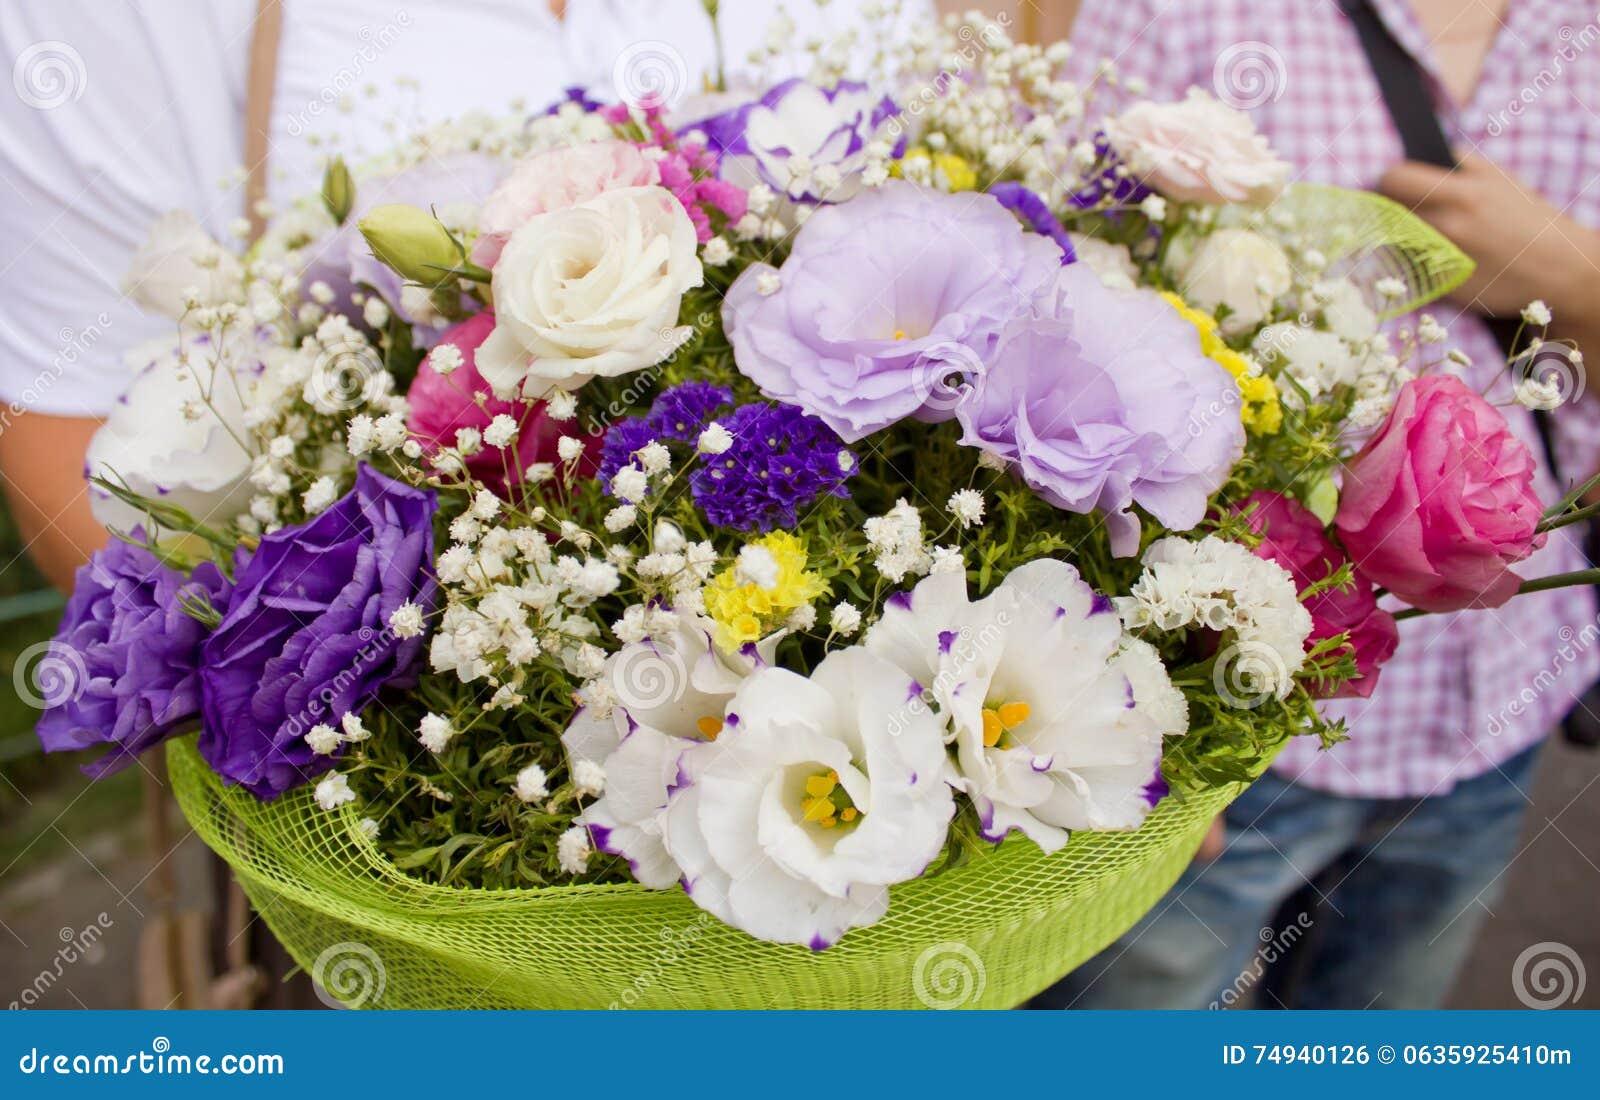 Enorme bouquet de fleur livraison de fleurs et bouquets - Enorme bouquet de fleurs ...